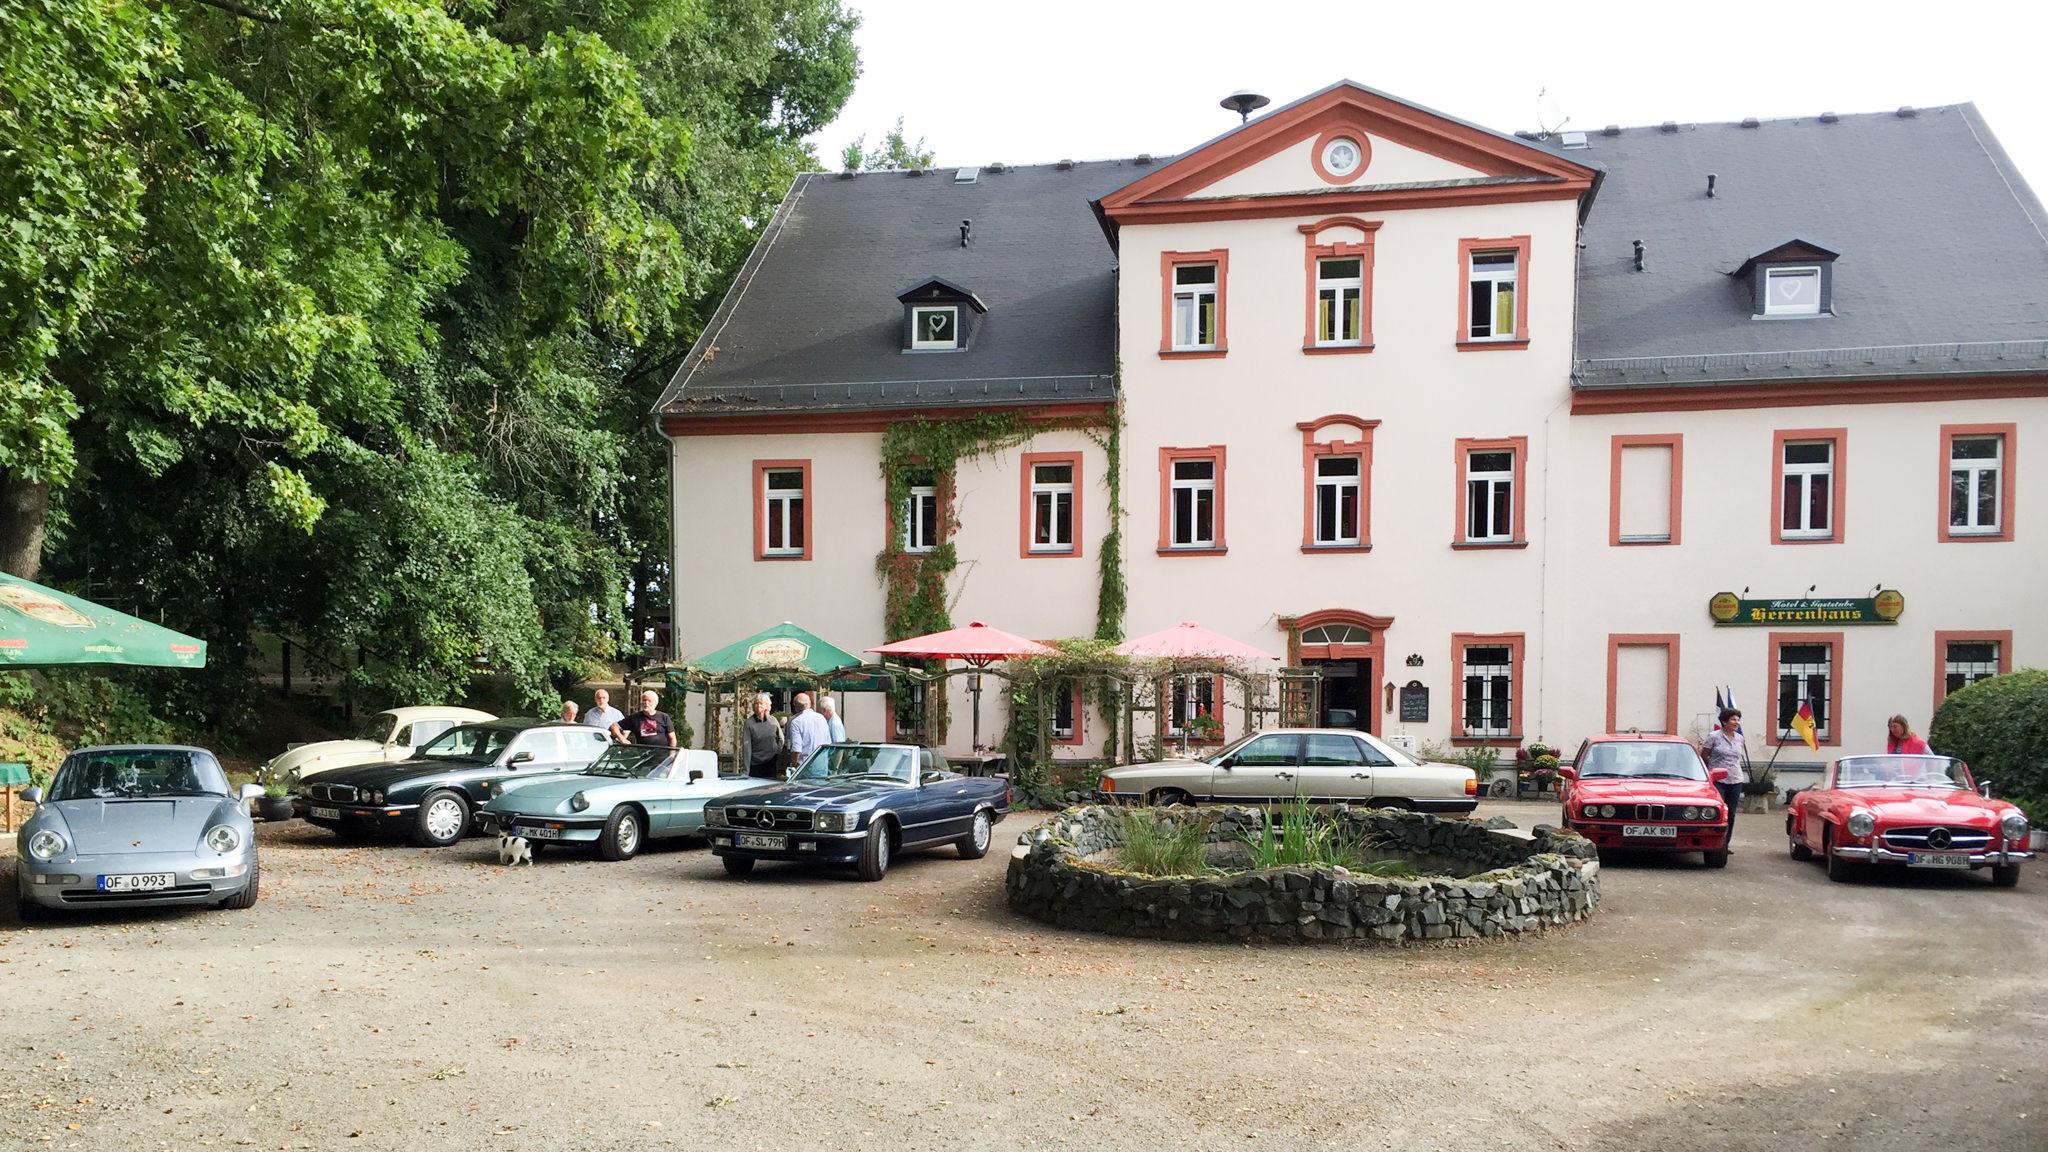 Herrenhaus Markersdorf mit Oldtimeraufstellung